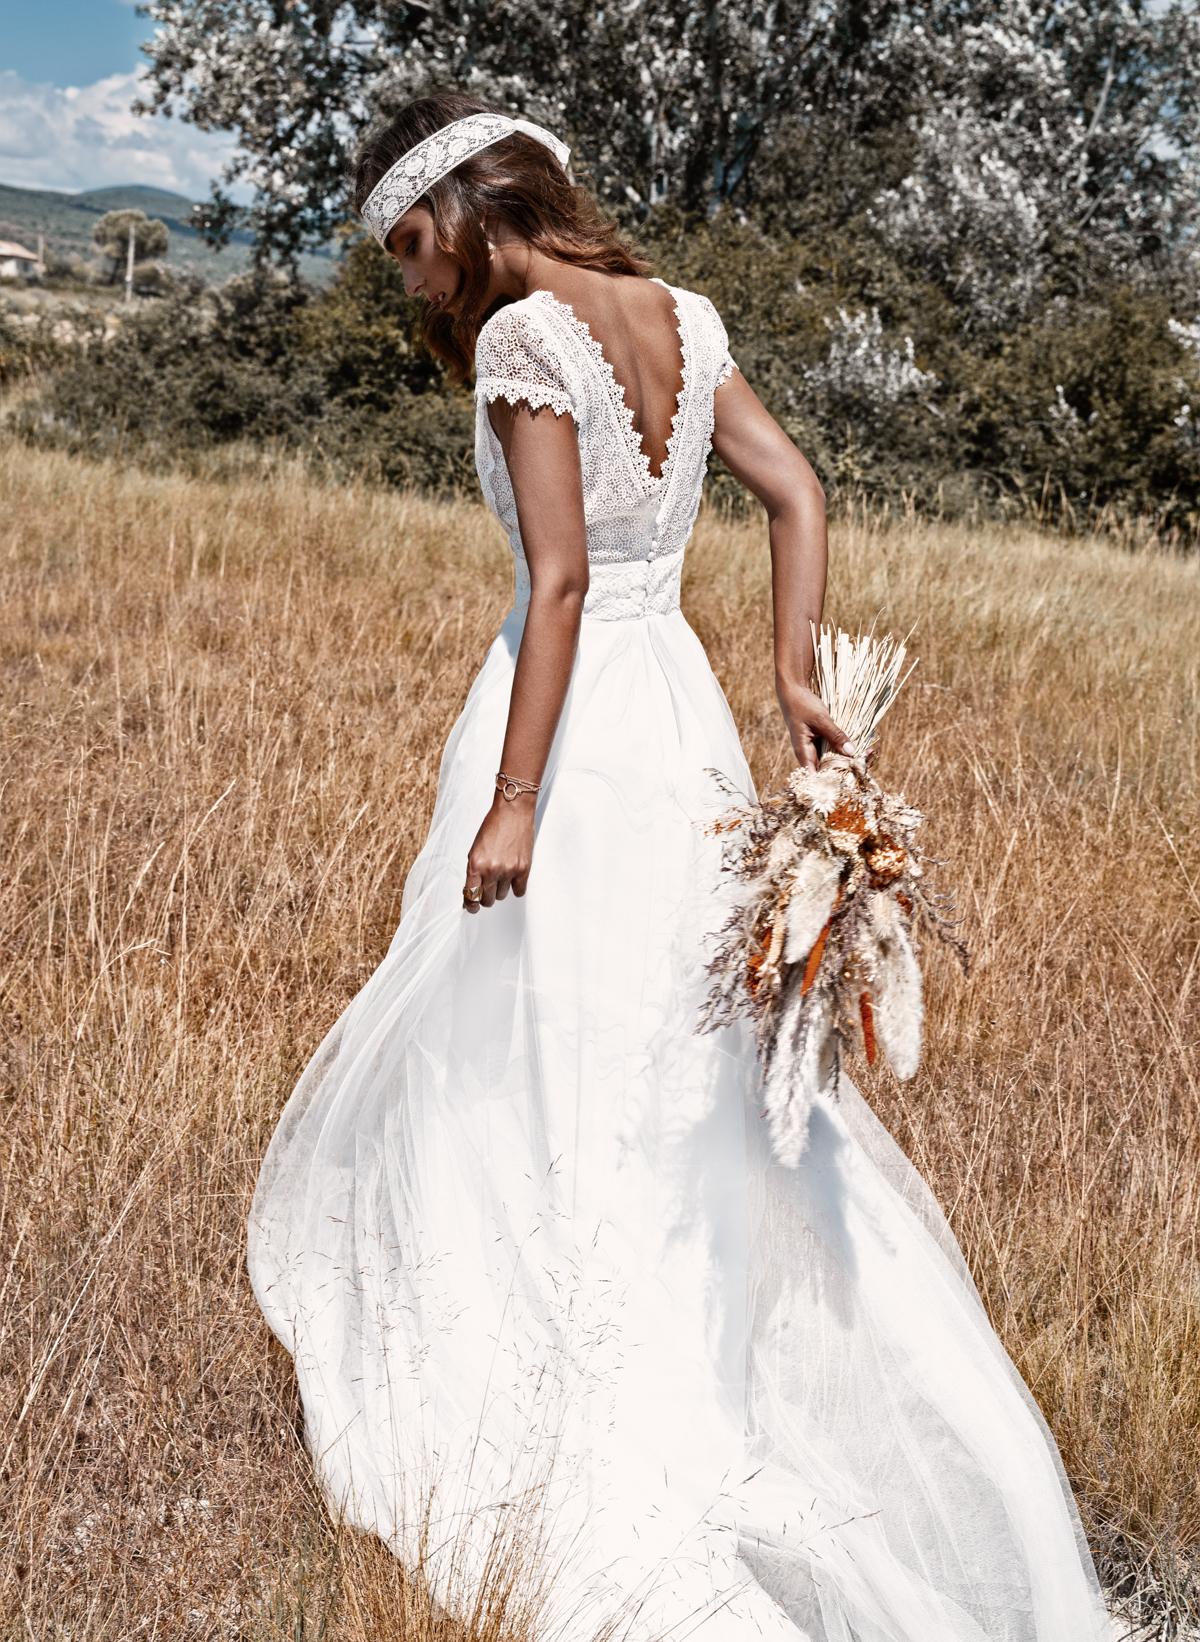 Robe de mariée bohème chic décolleté dos Tulle Fabrication française Saint Germain en Laye Yvelines